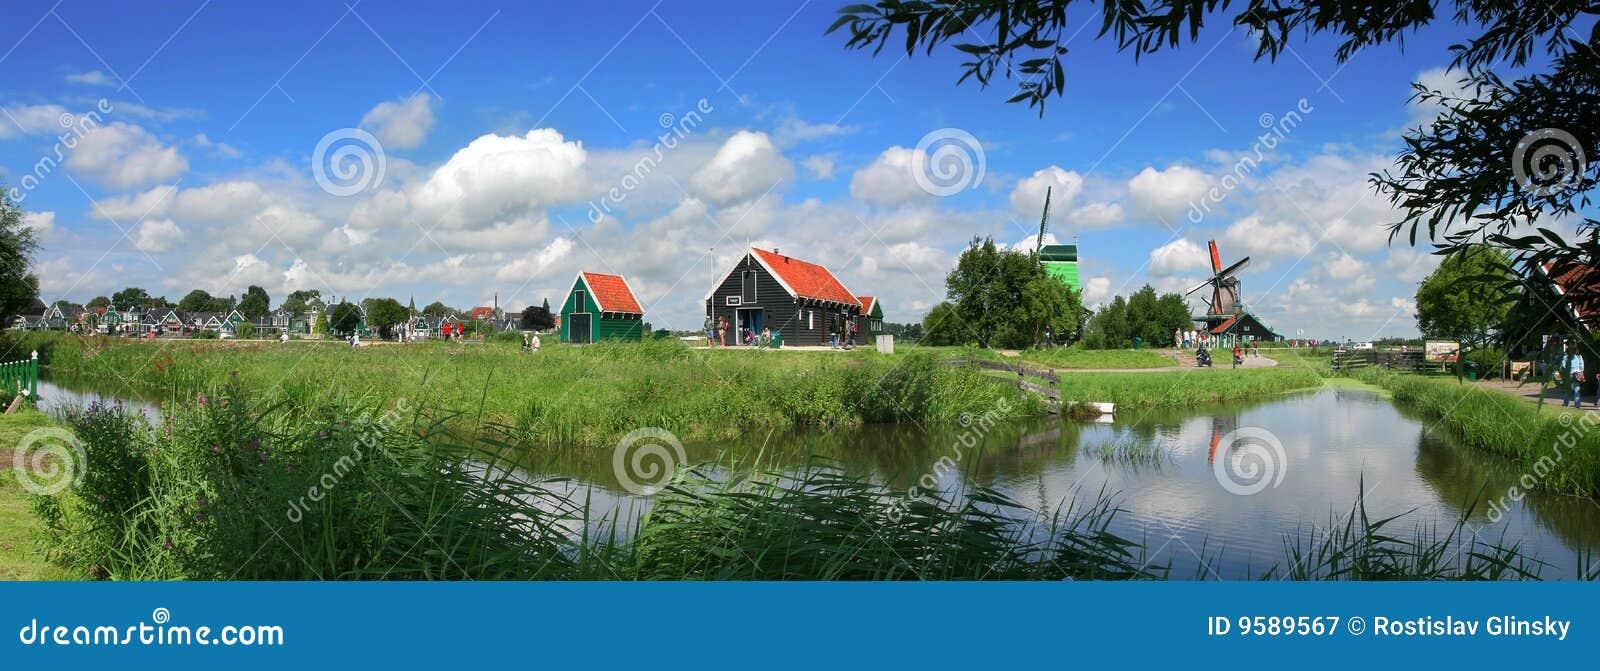 Holenderska wioska